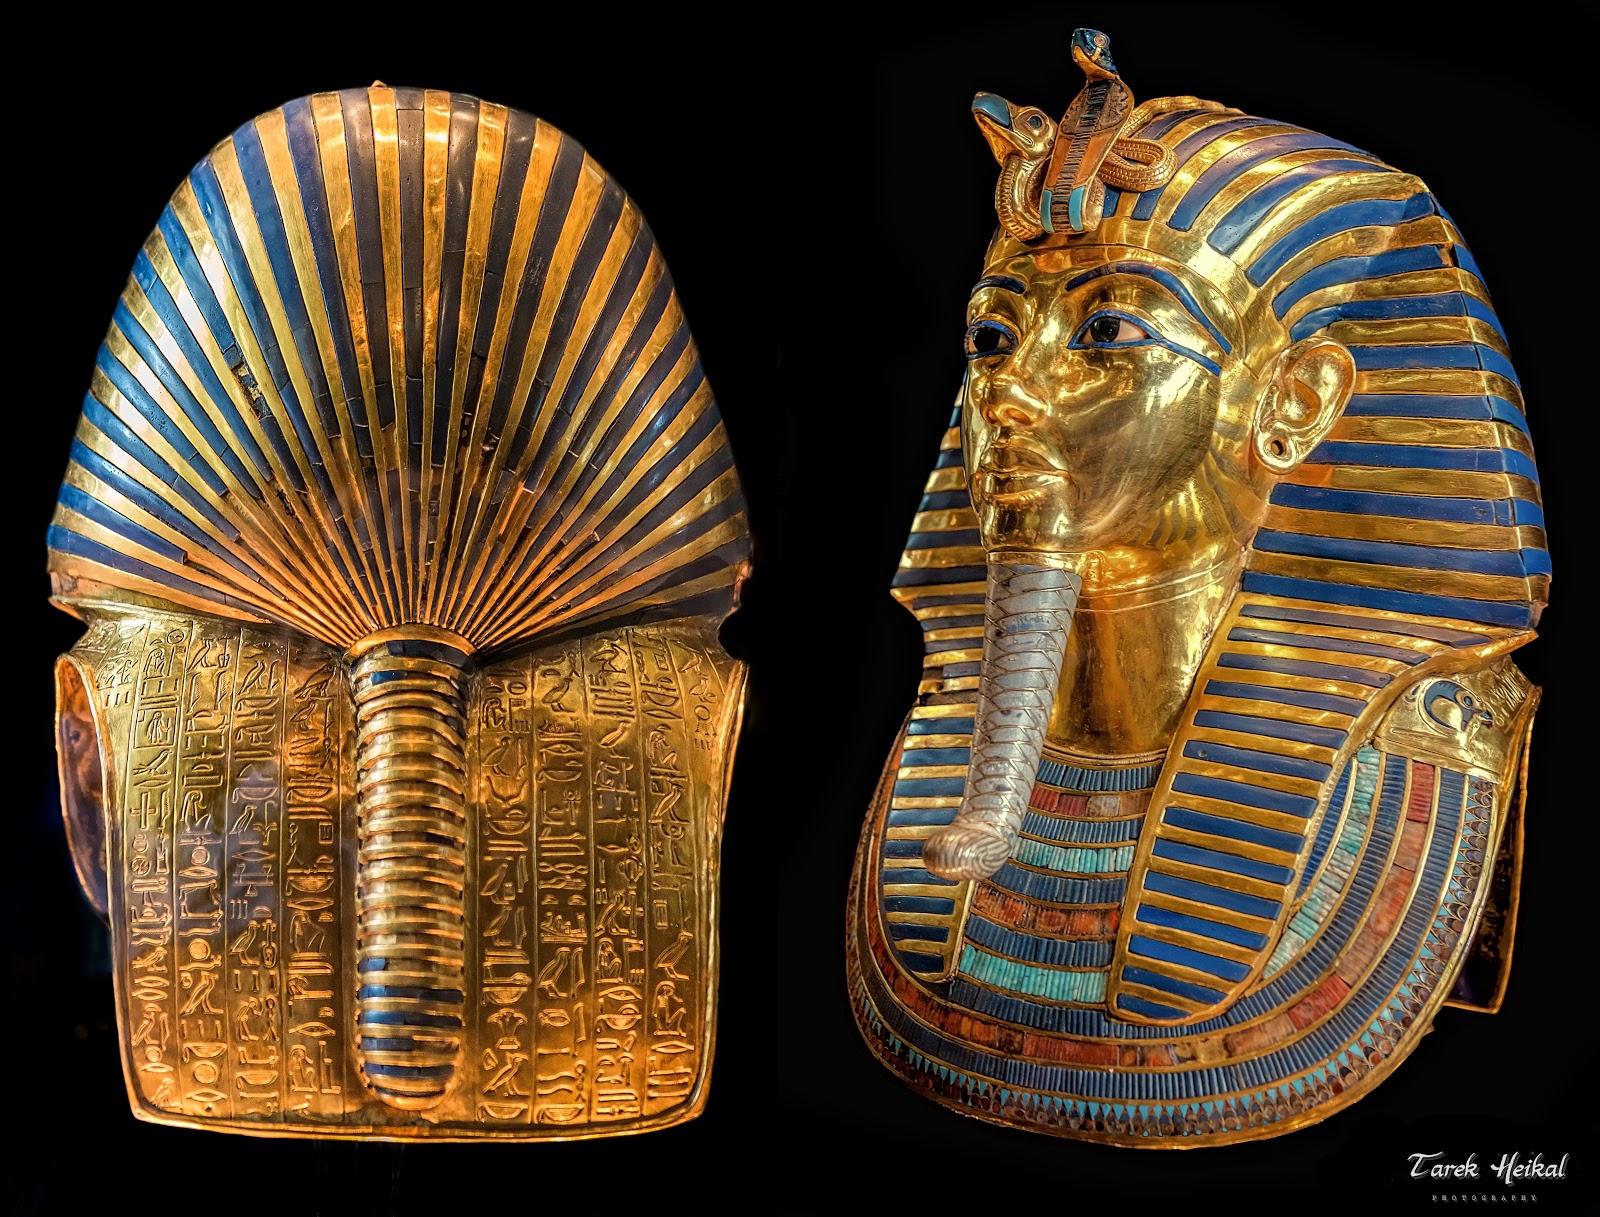 ツタンカーメンの黄金のマスクの背面と左前面